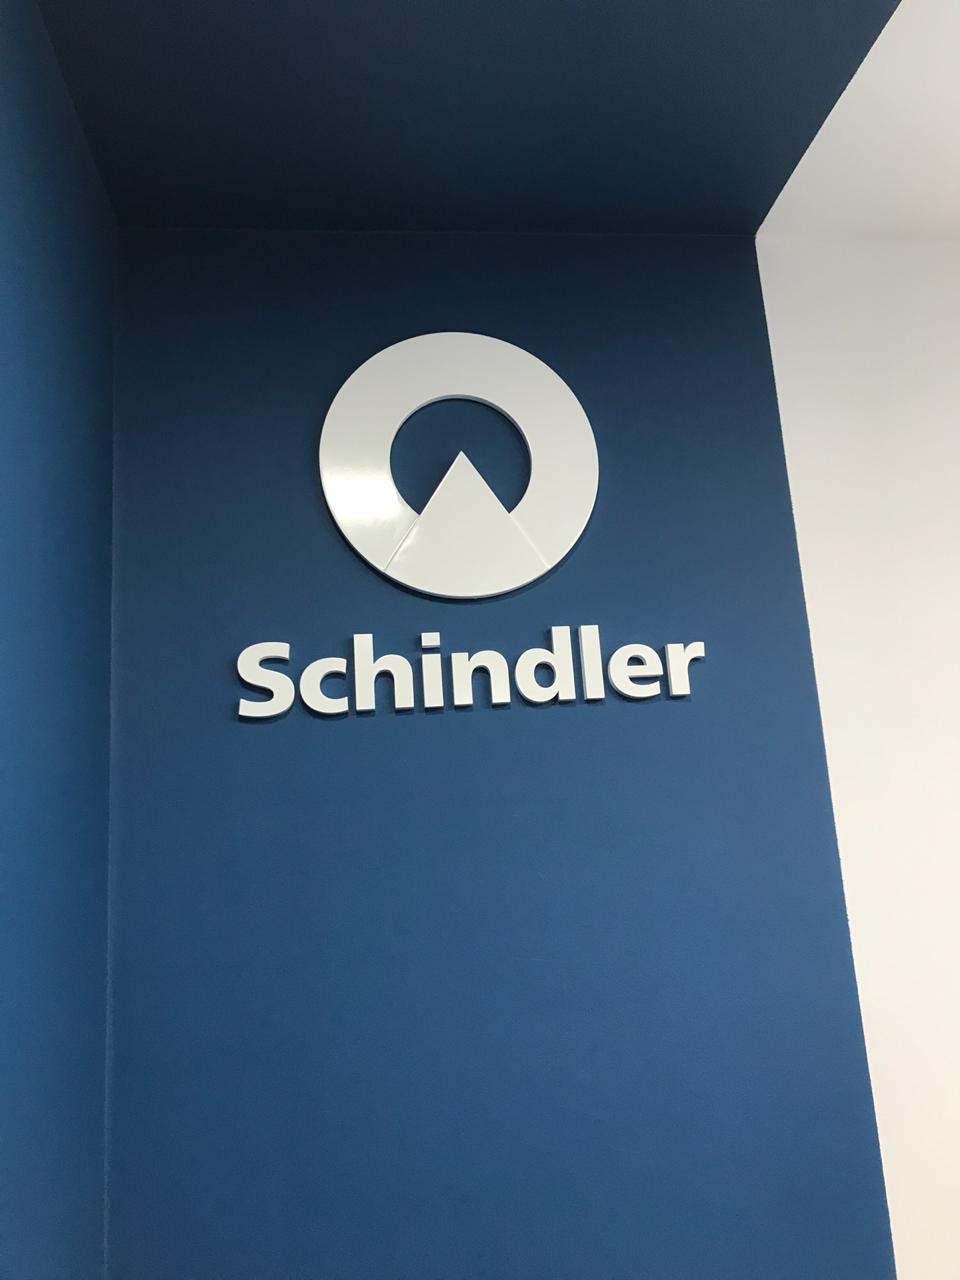 schindler-